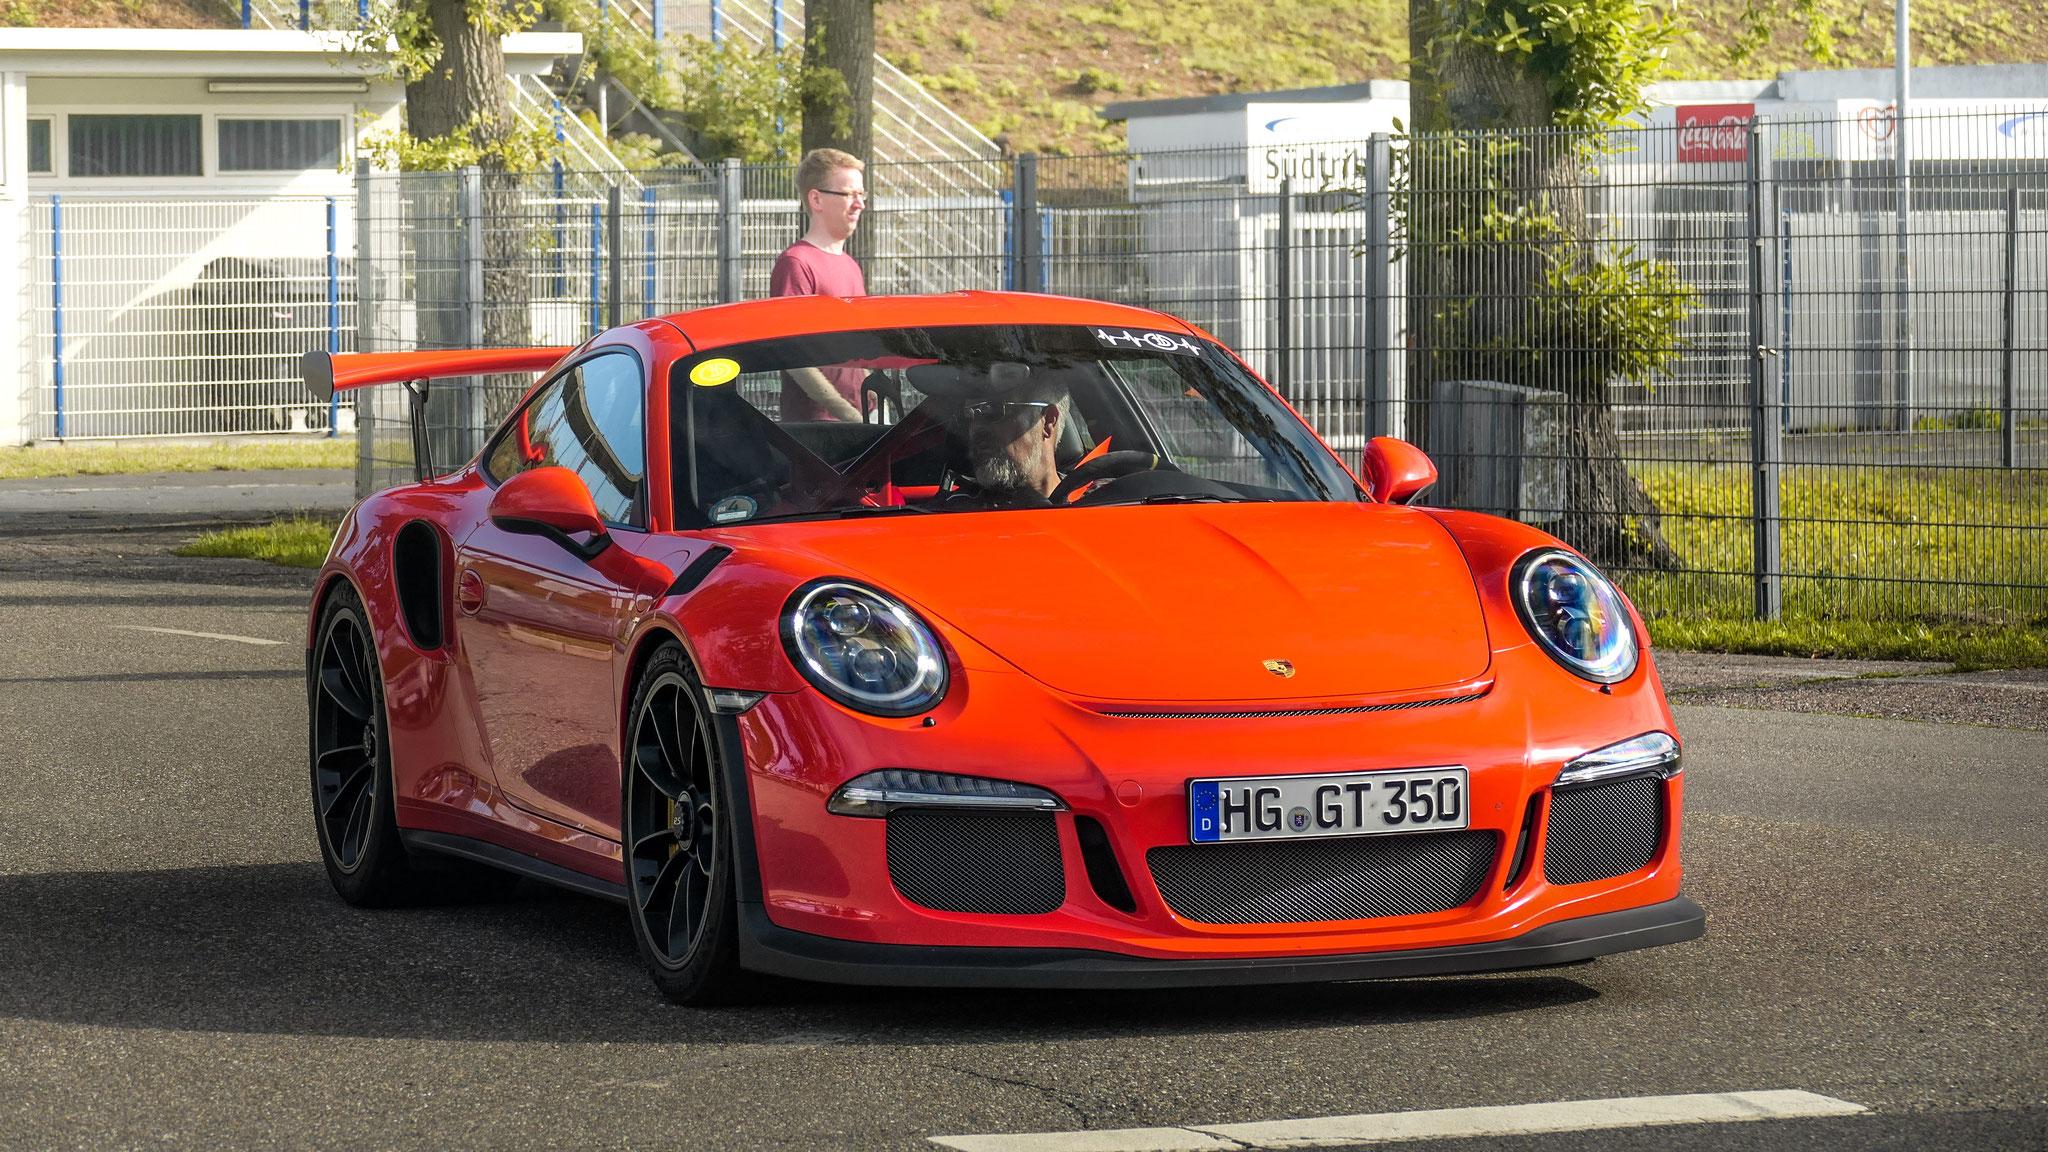 Porsche 911 GT3 RS - HG-GT-350